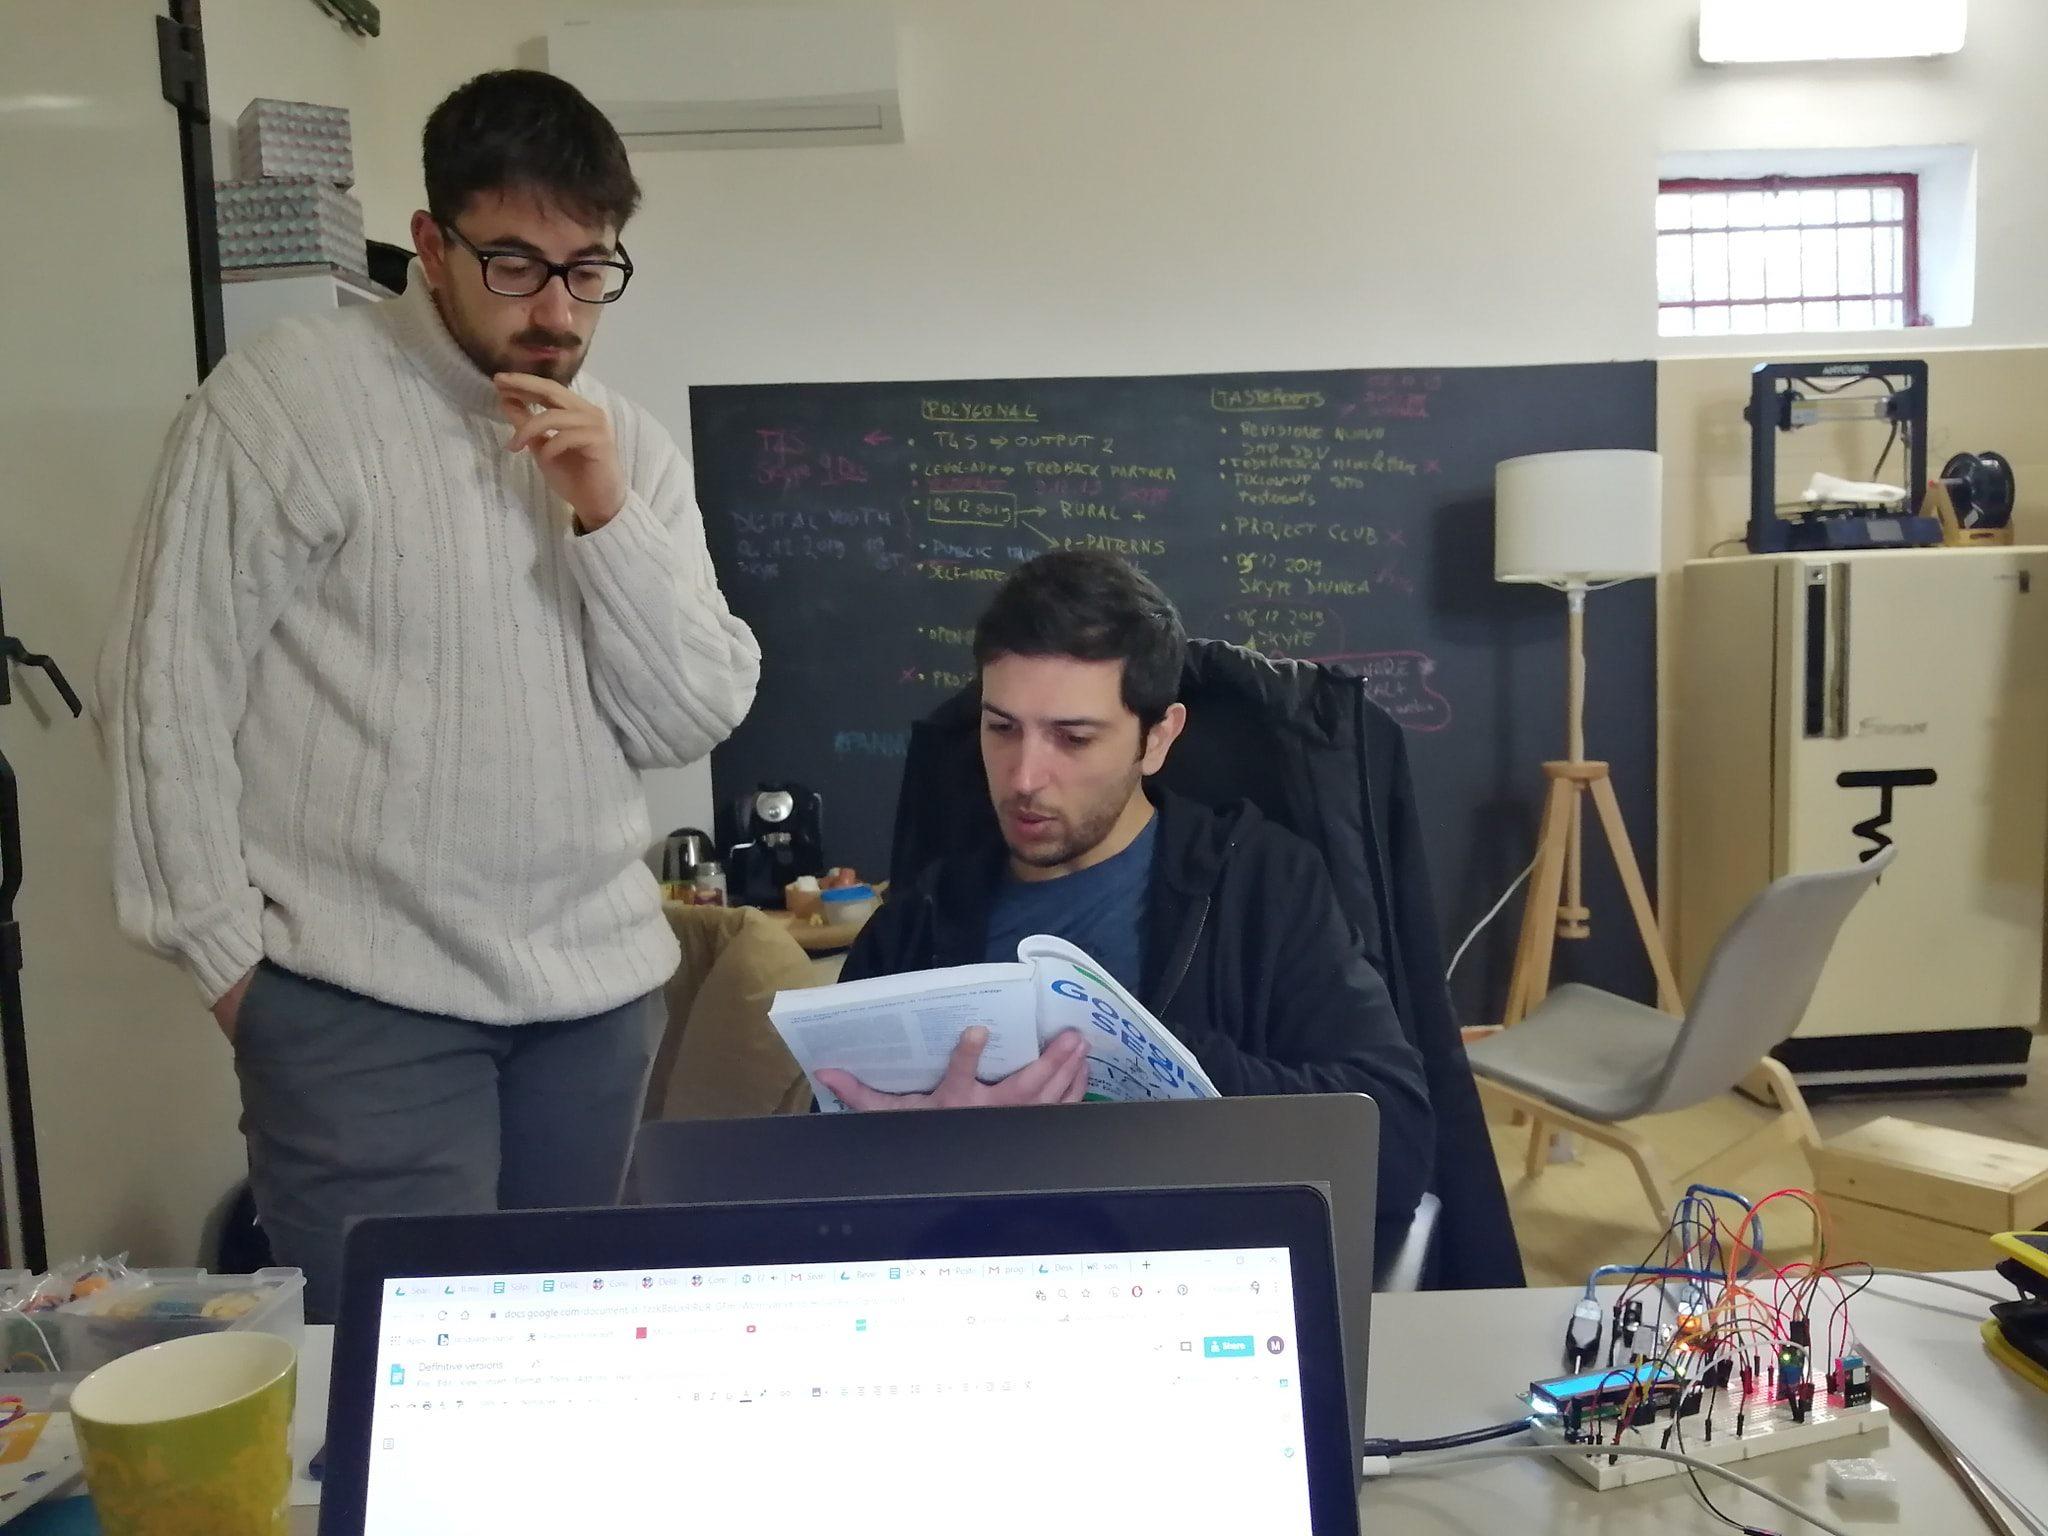 utilizzo di arduino e studio del SEO per migliorare accessibilità digitale e dei dati nelle ricerche e nello sviluppo dati